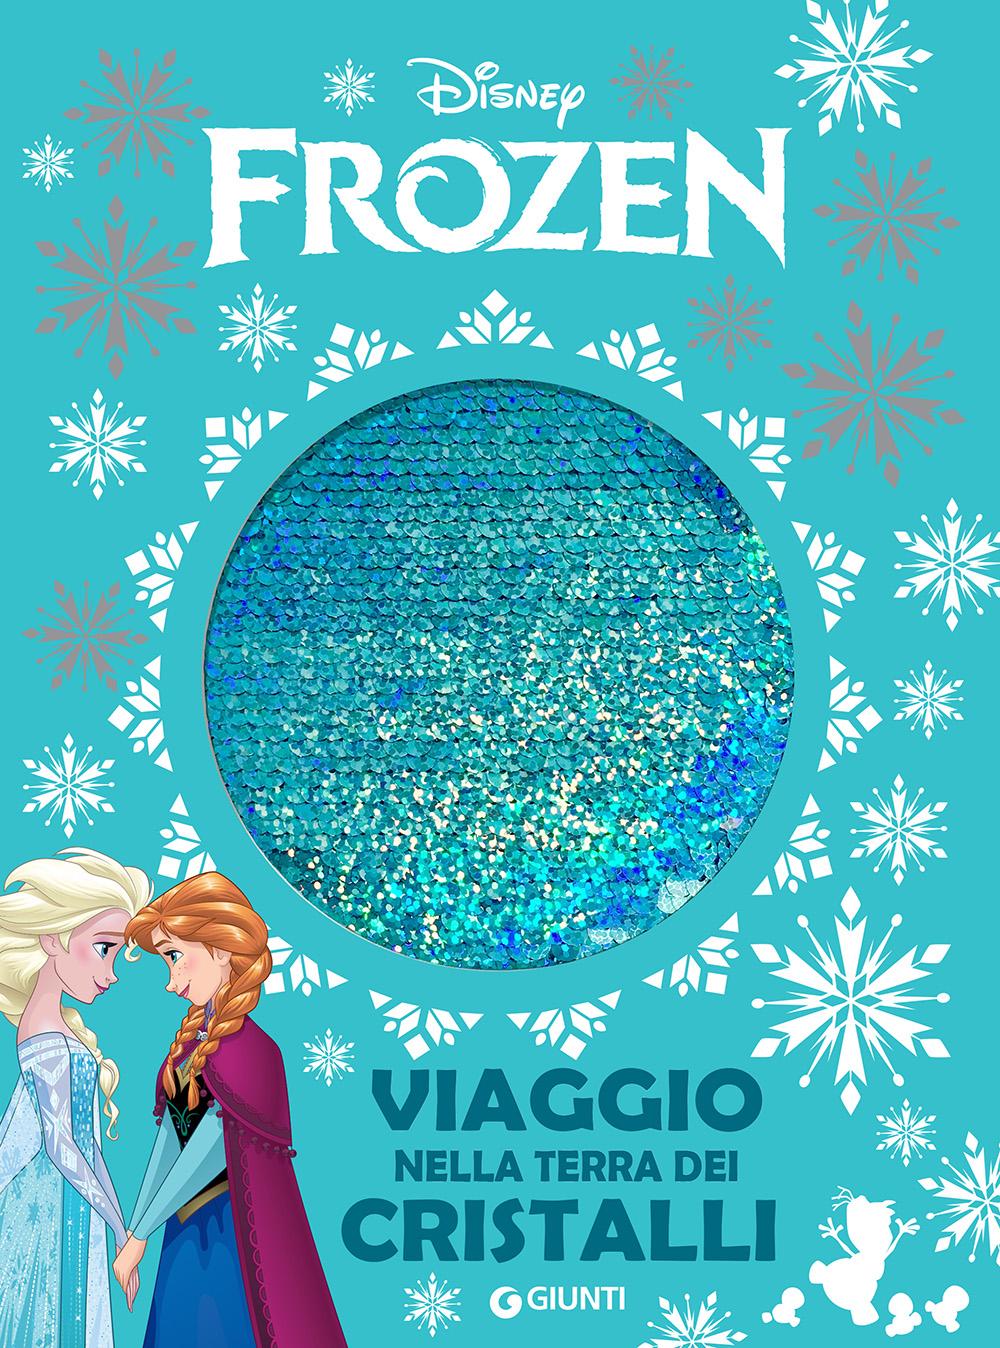 Storie da Ciak - Viaggio nella terra dei cristalli. Frozen